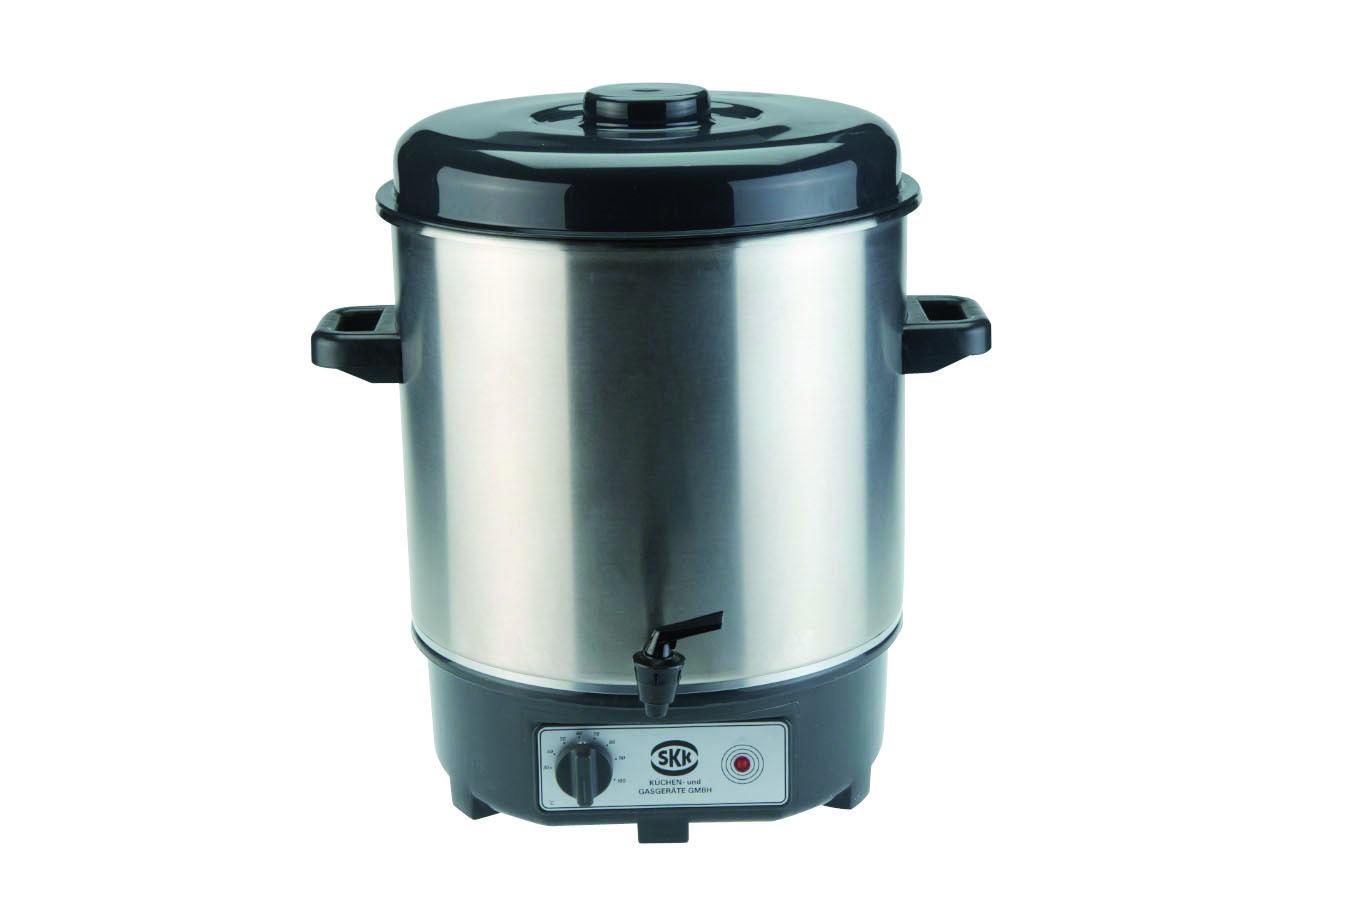 SKK profesionální hrnec na svařené víno či polévku 350/420 mm 28 litrů nerez